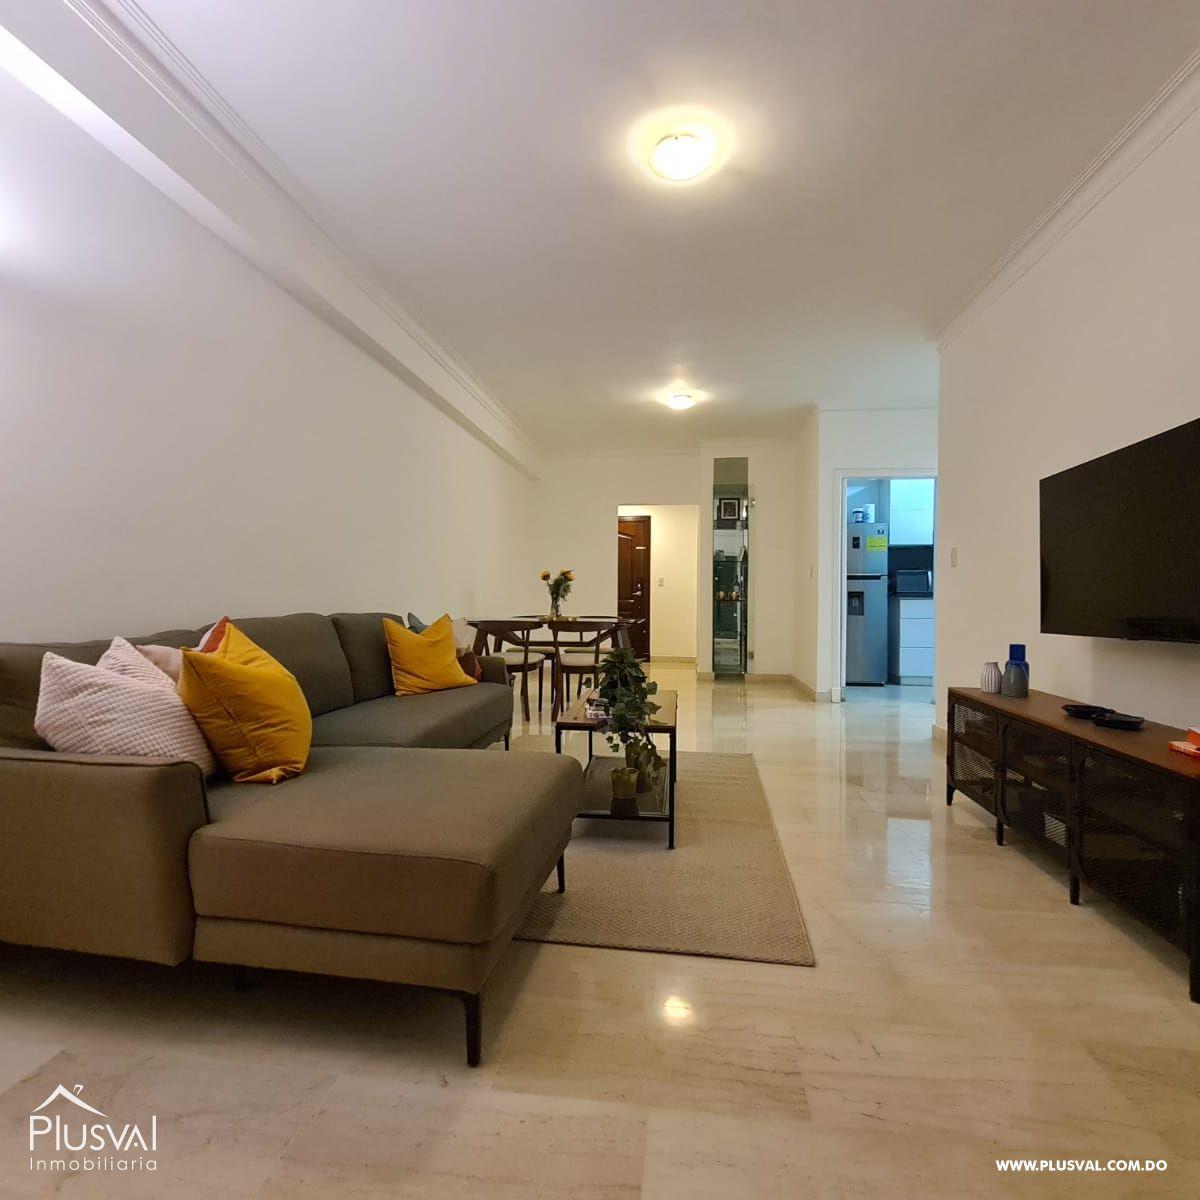 Apartamento amueblado en alquiler, Naco 188900